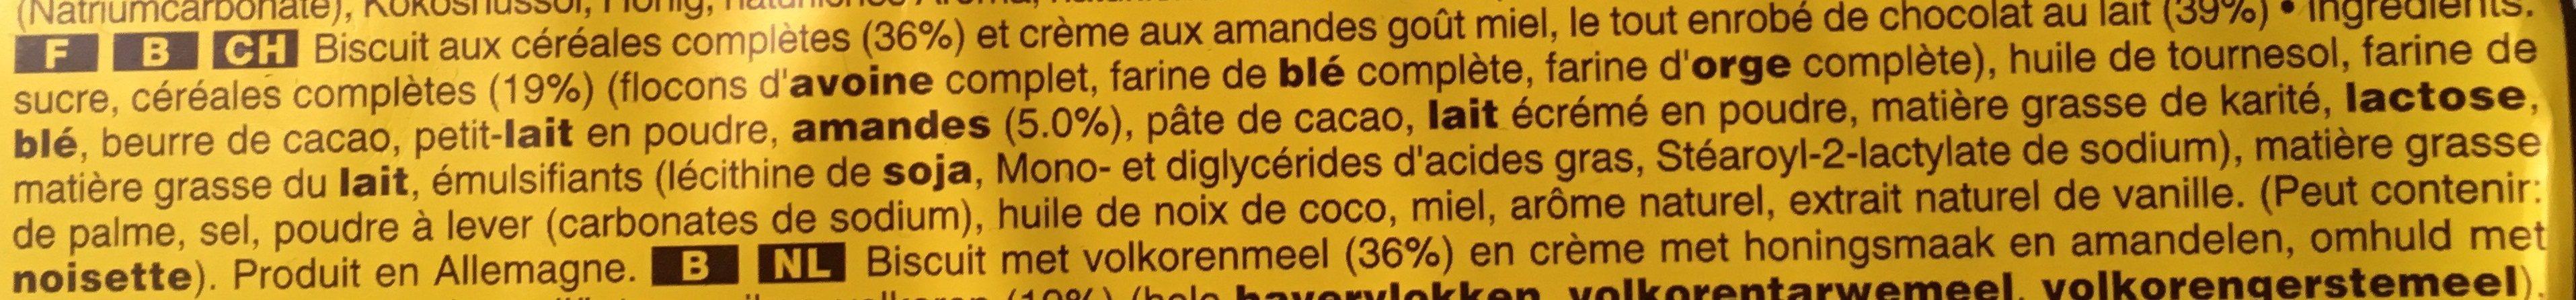 Biscuit aux céréales complètes goût miel amandes - Zutaten - fr